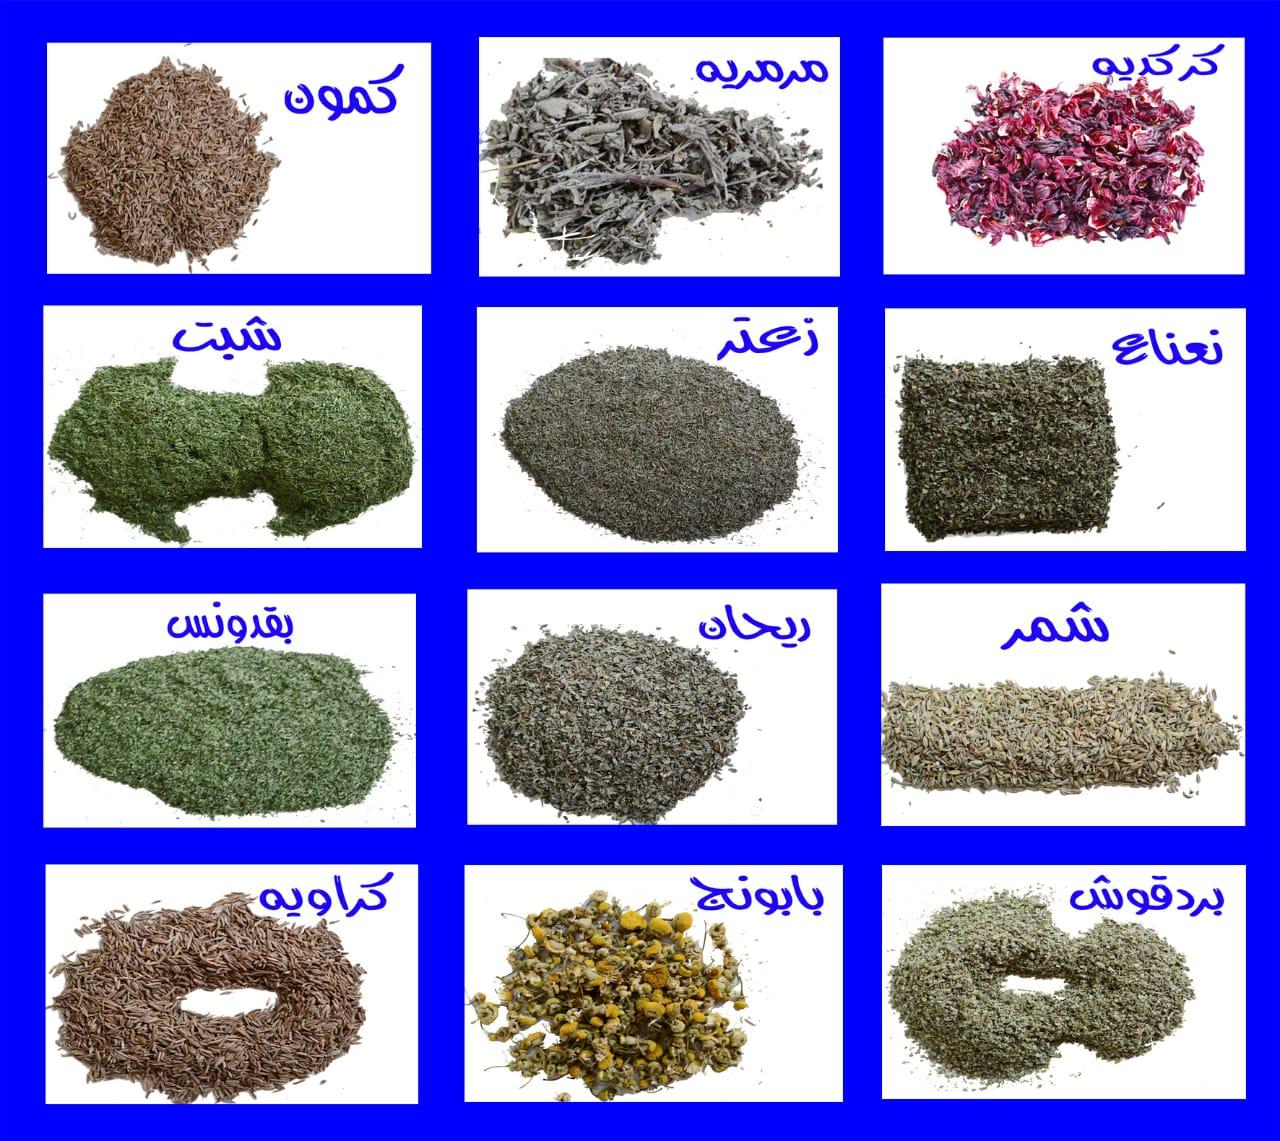 تصدير الاعشاب والتوابل والنباتات الطبيه Project Picture